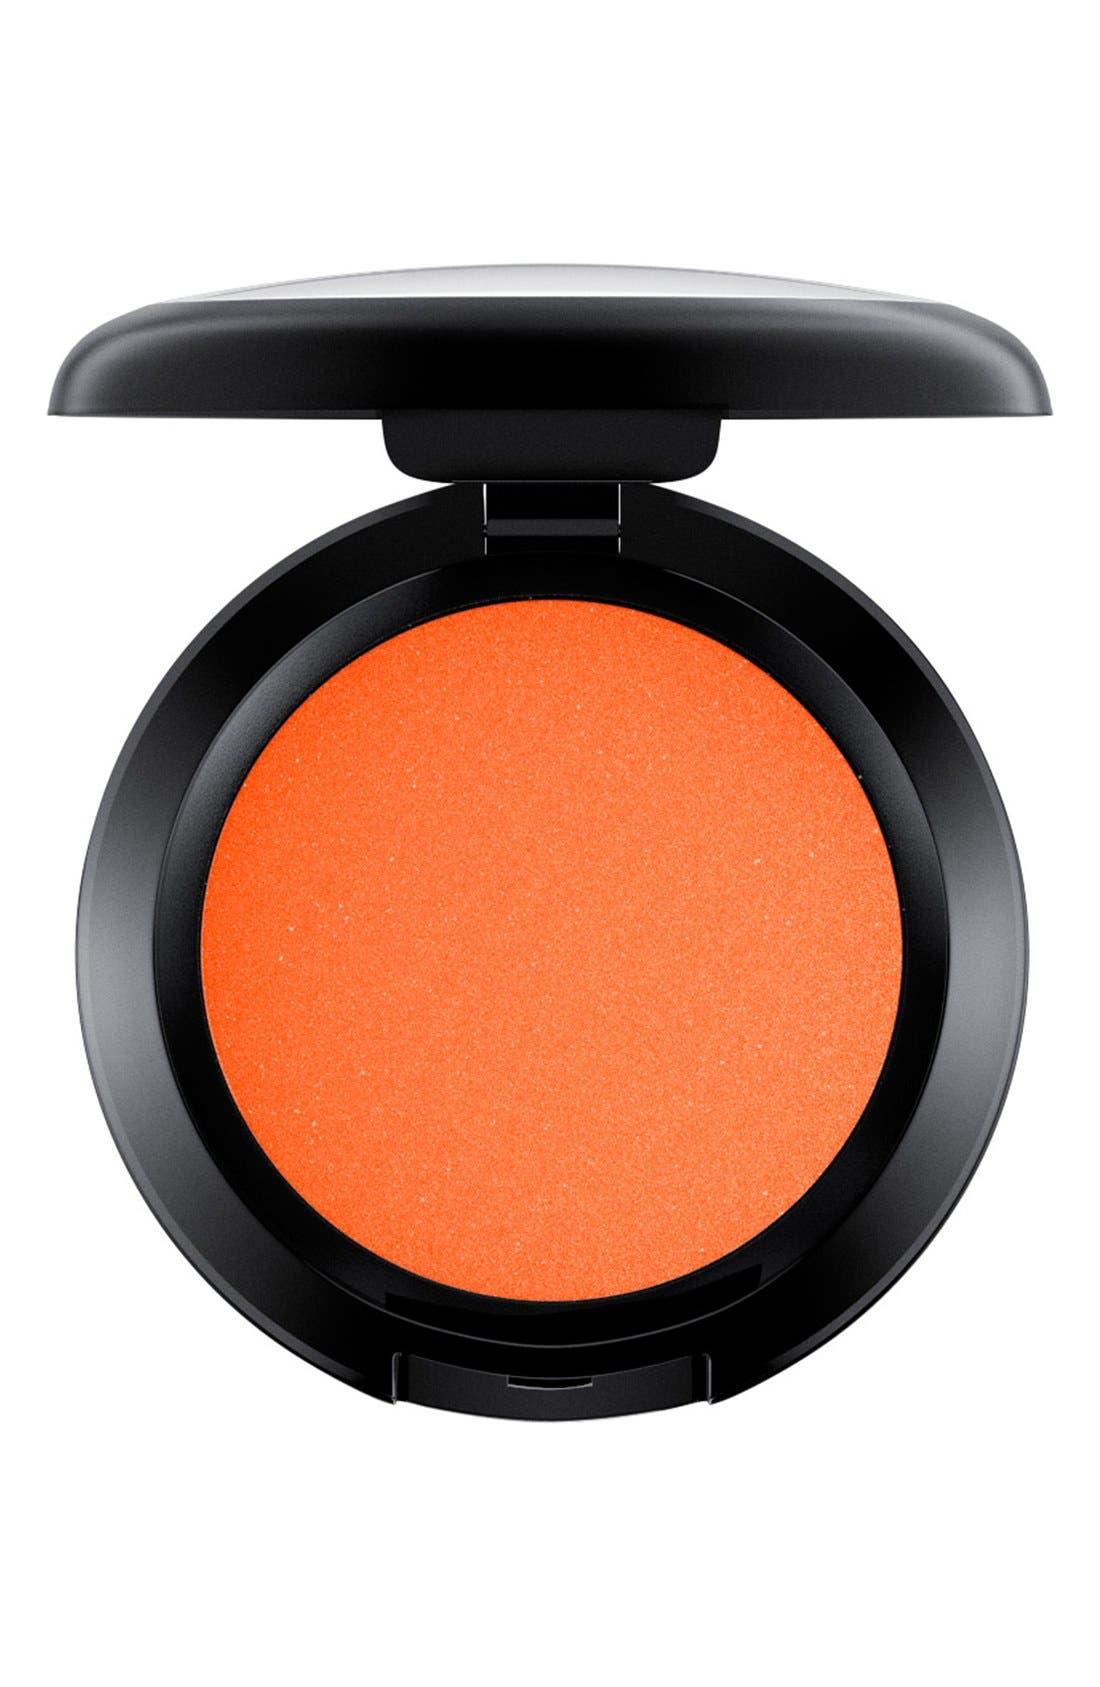 MAC Small Powder Blush,                         Main,                         color, BRIGHT RESPONSE